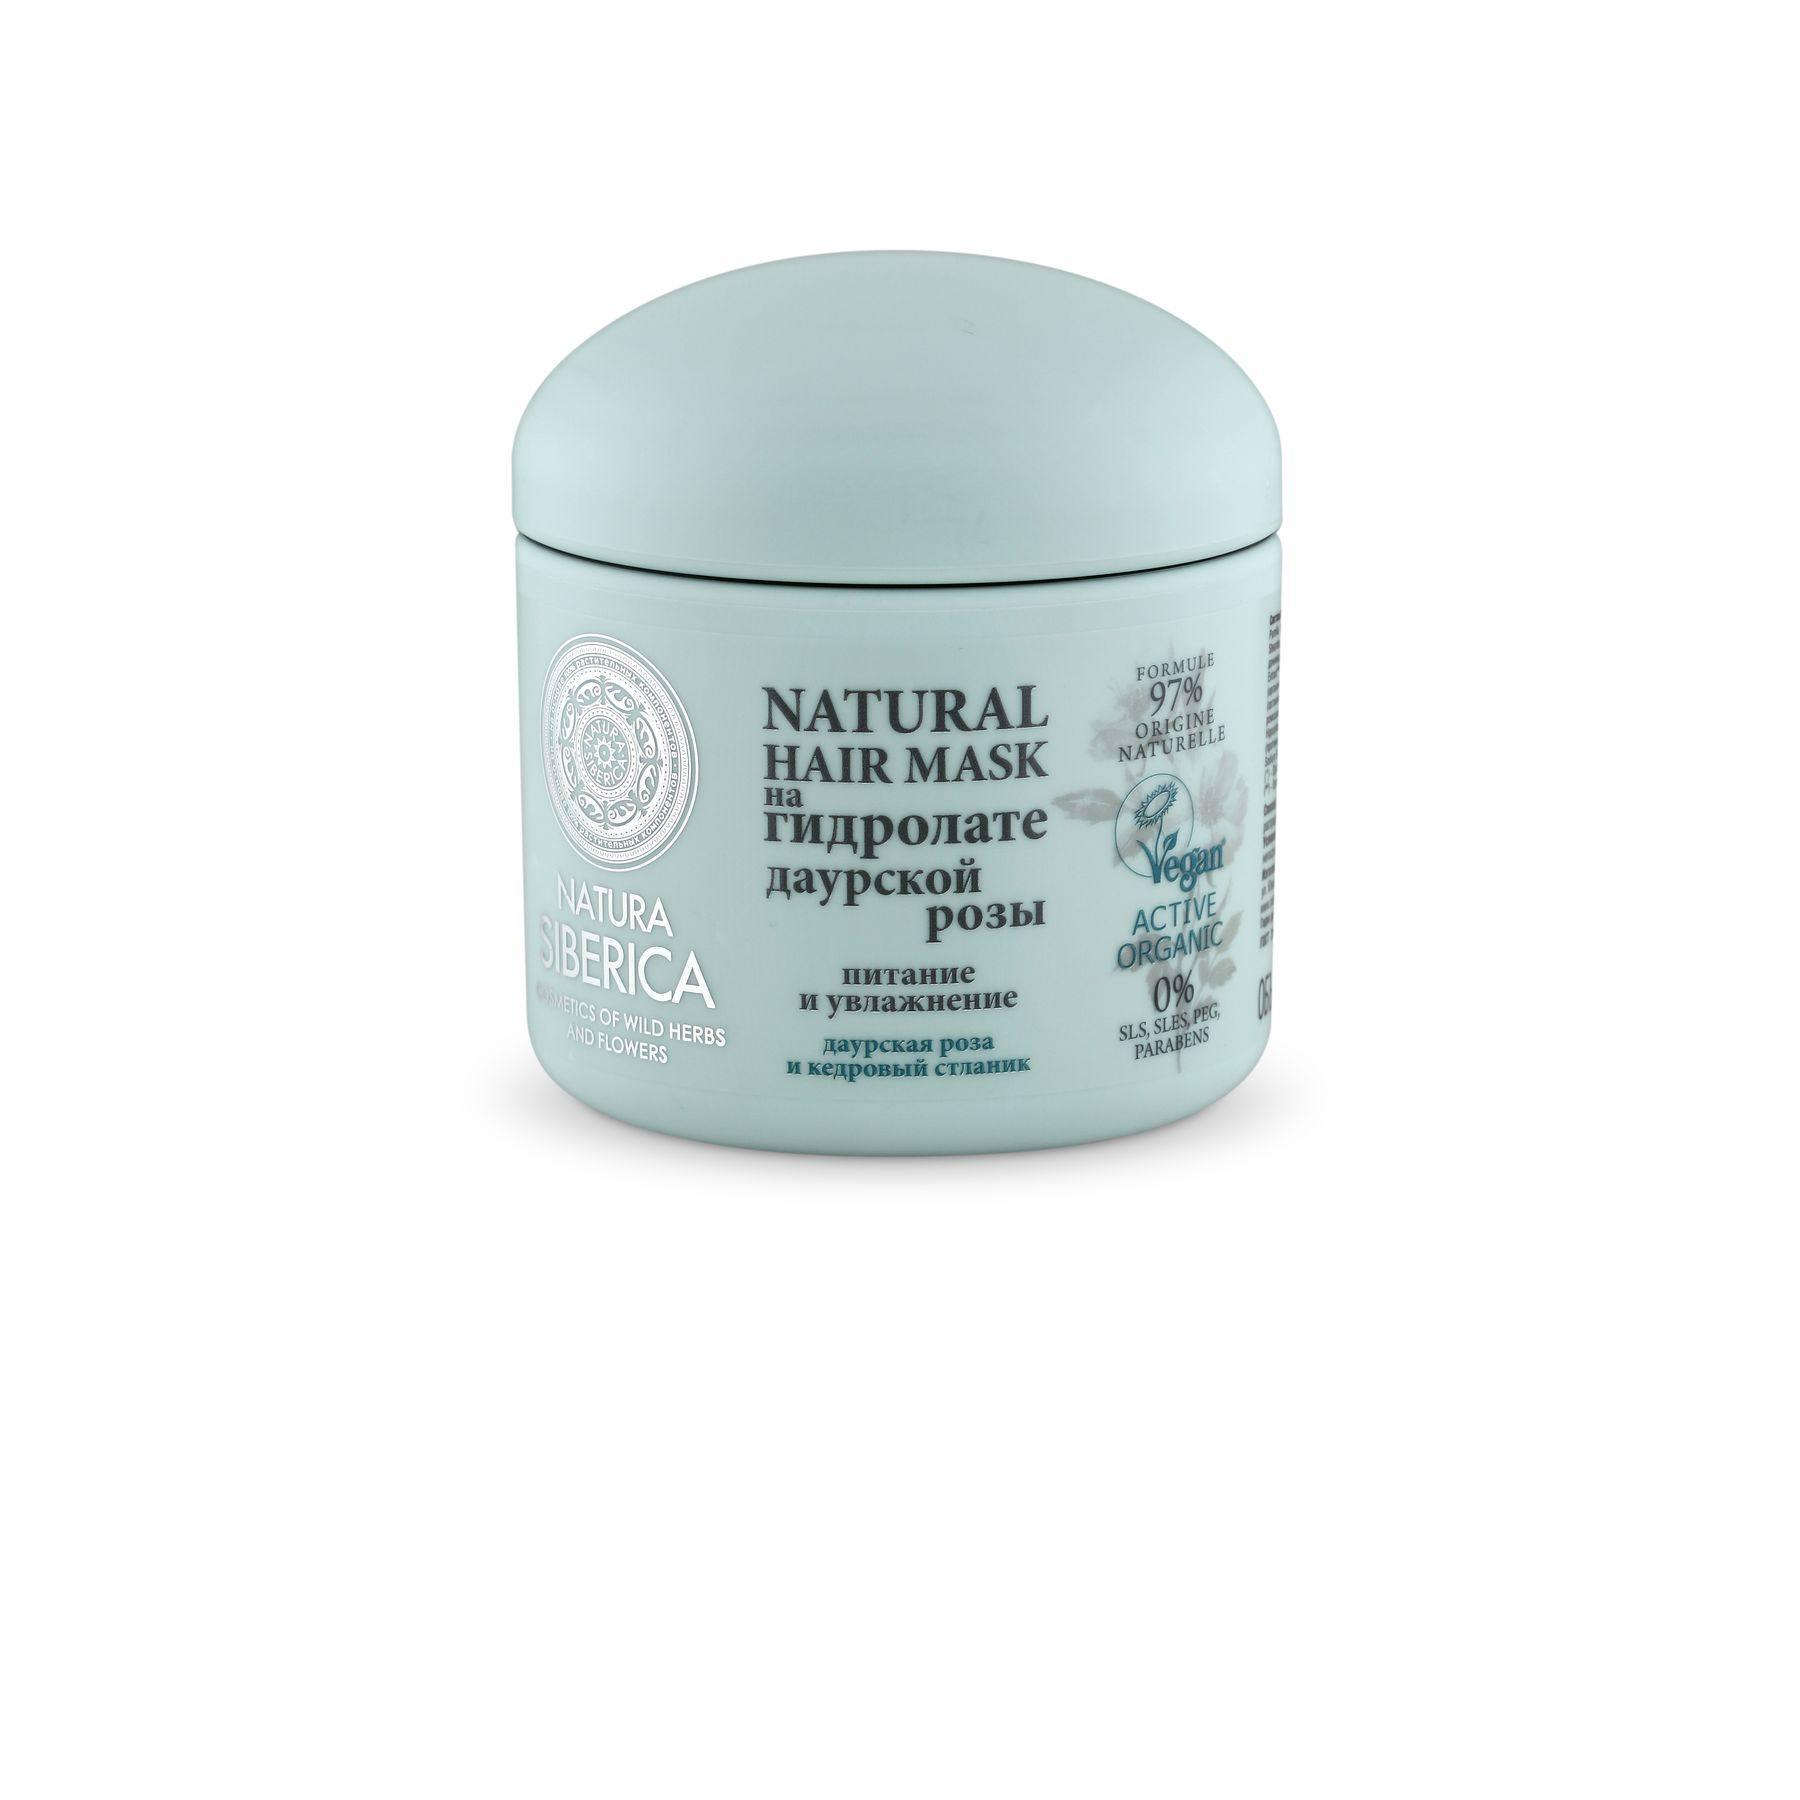 Купить Natura Siberica Гидролат Маска для сухих и ломких волос Питание и увлажнение , 370 мл (shop: Organic-shops Organic shops)